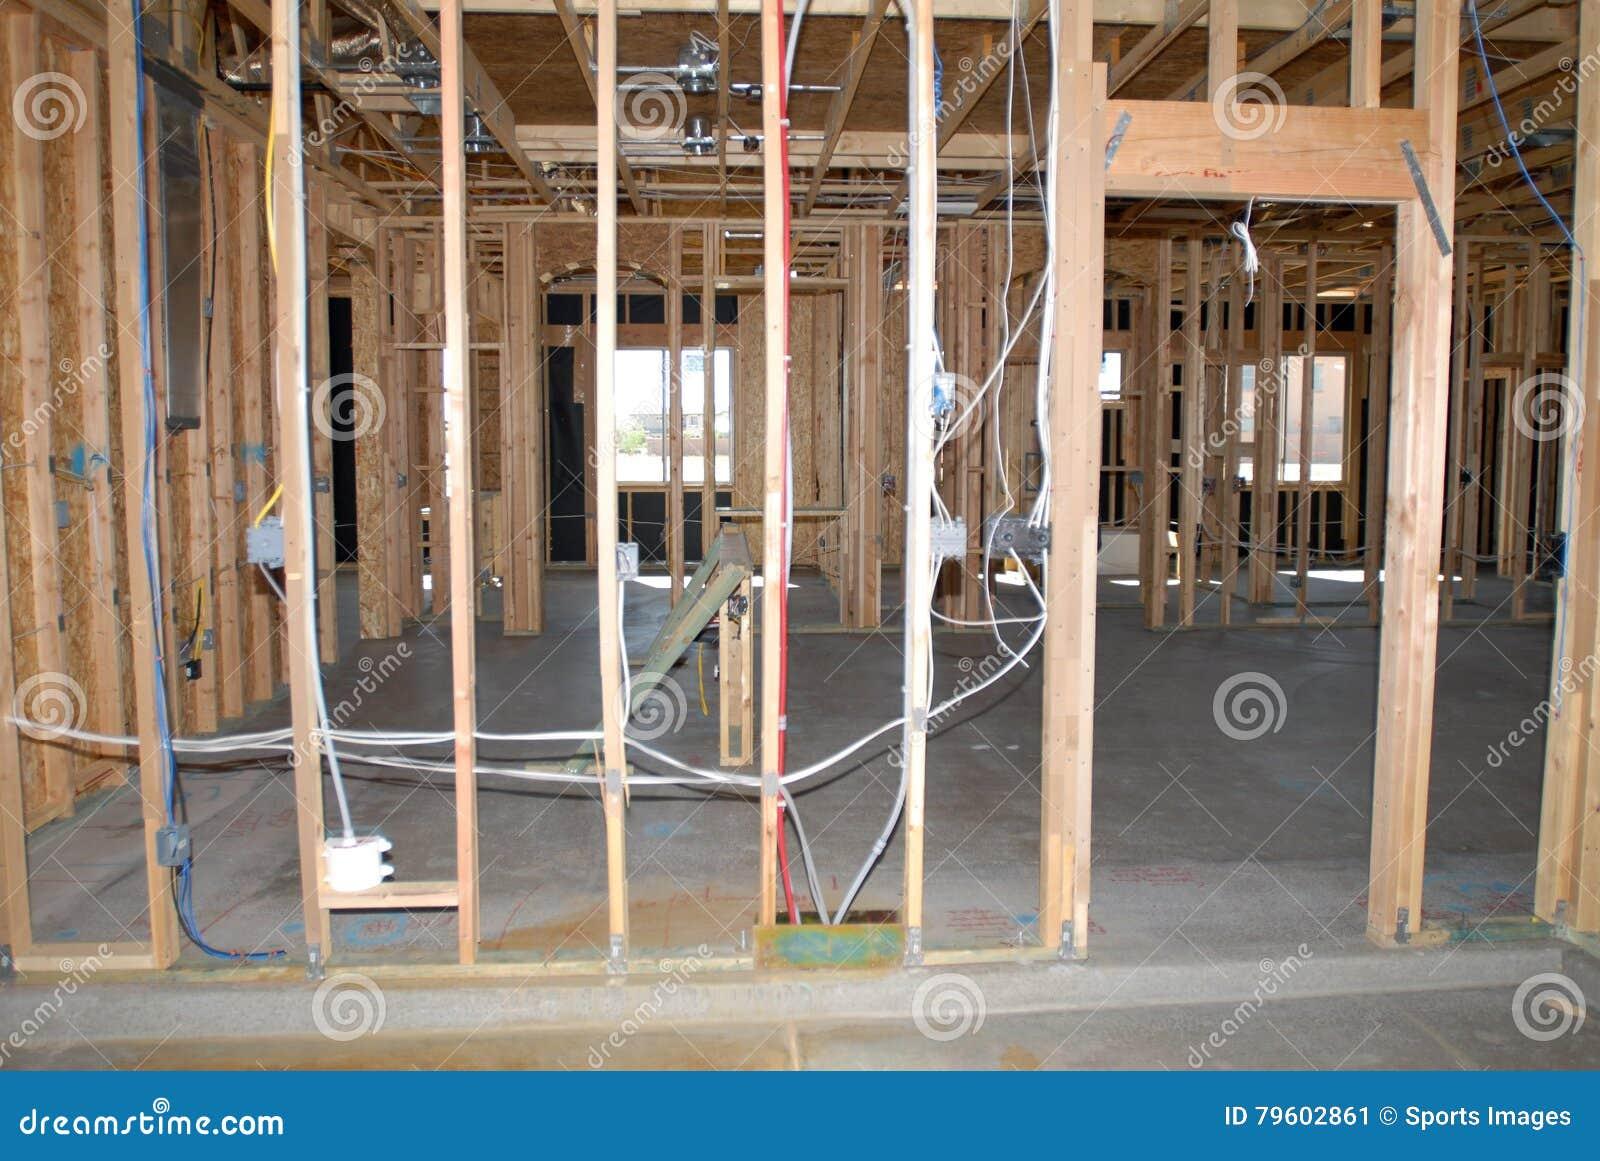 Construção de uma casa nova que está sendo construída